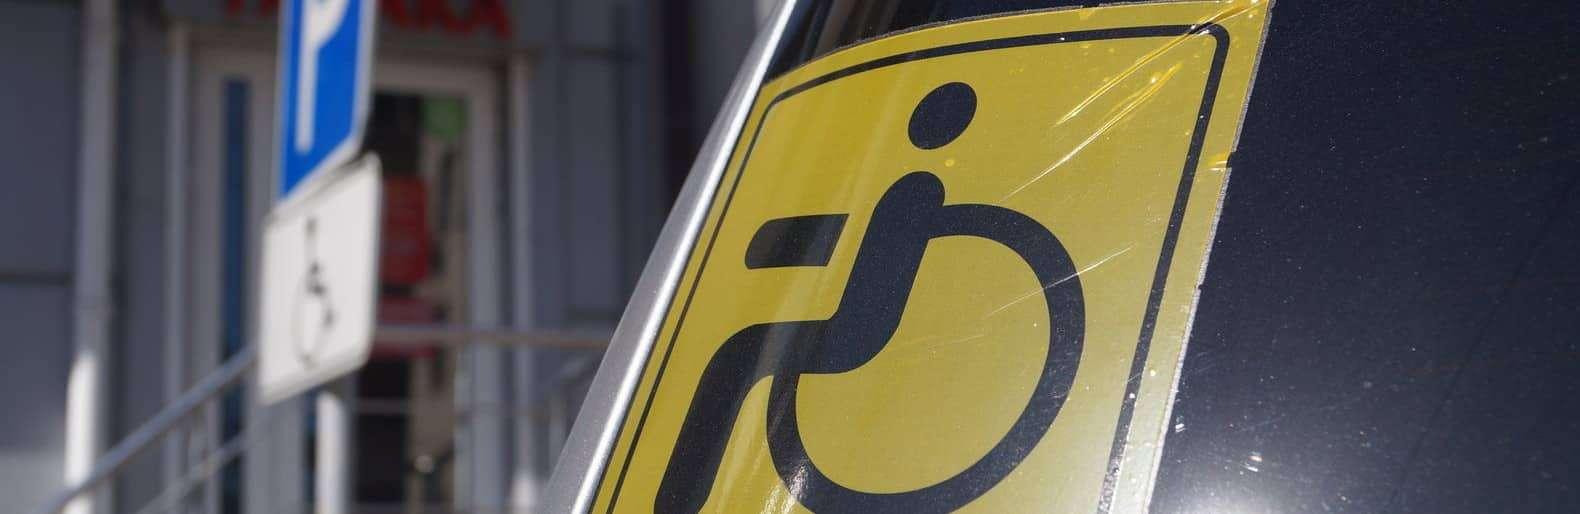 Штраф за парковку на месте для инвалидов в 2019 году: какой предусмотрен